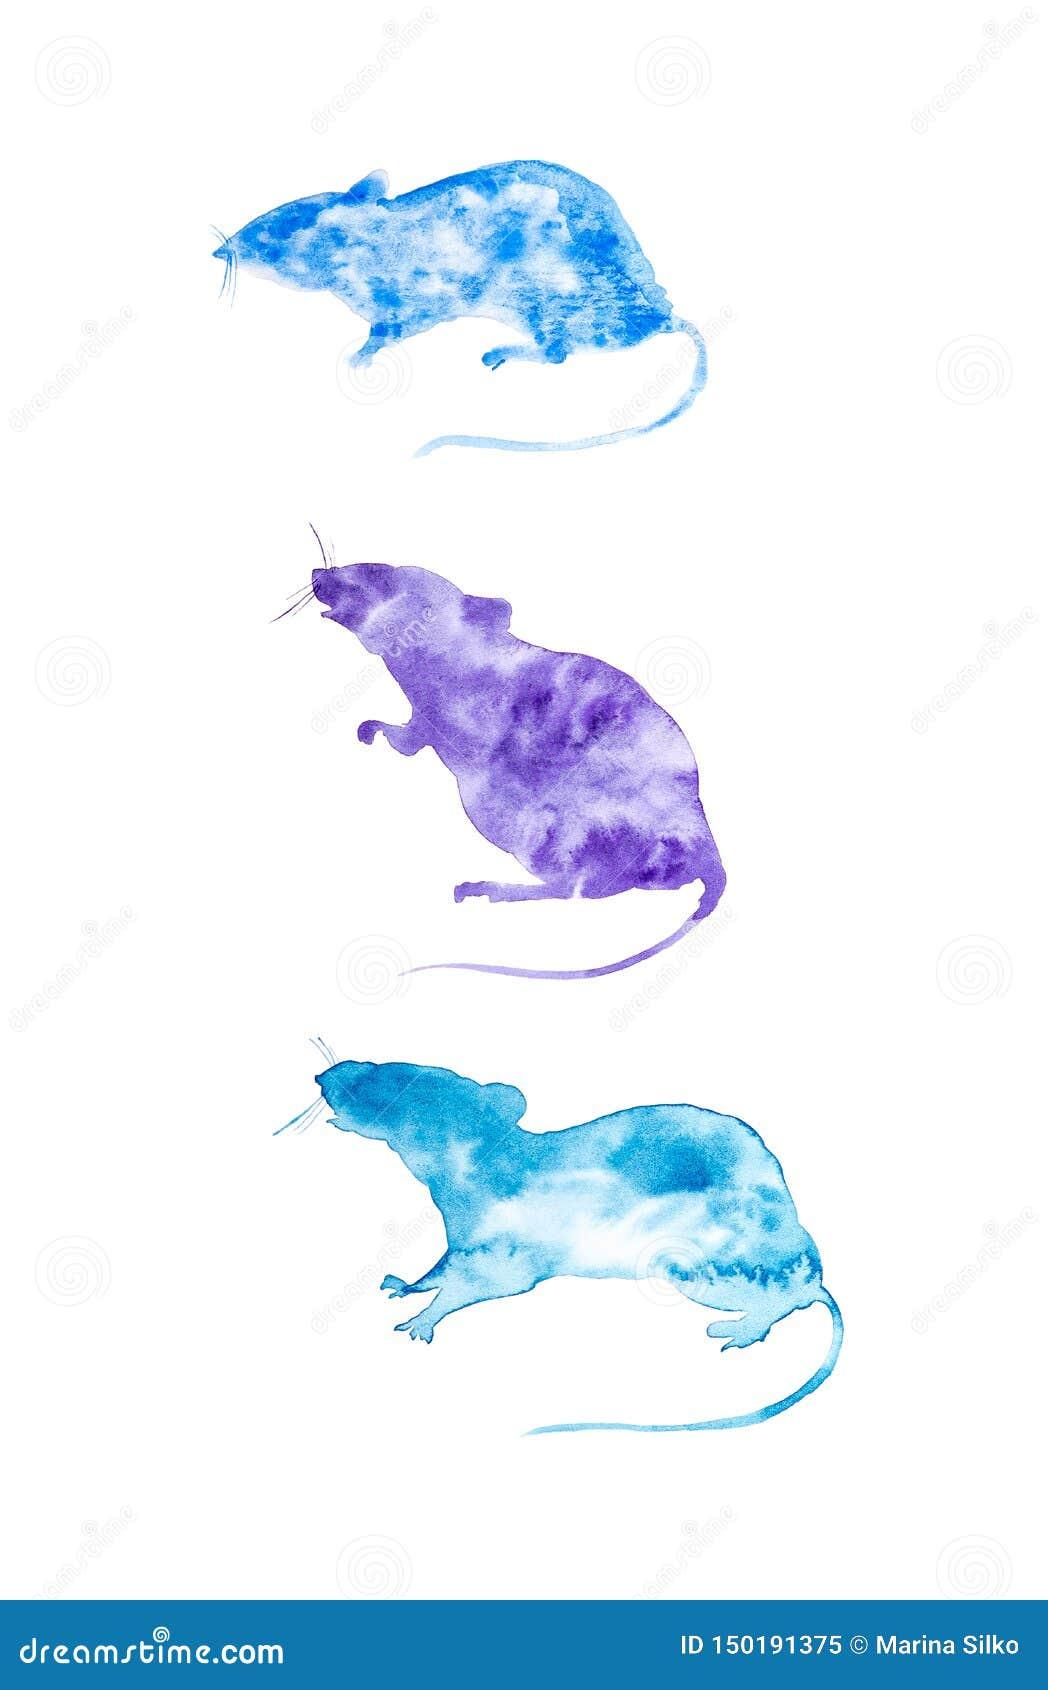 Установите для календаря 3 абстрактных крыс Символ 2020 Новых Годов Установите на сезон зимы: Февраль -го январь -го декабрь, r